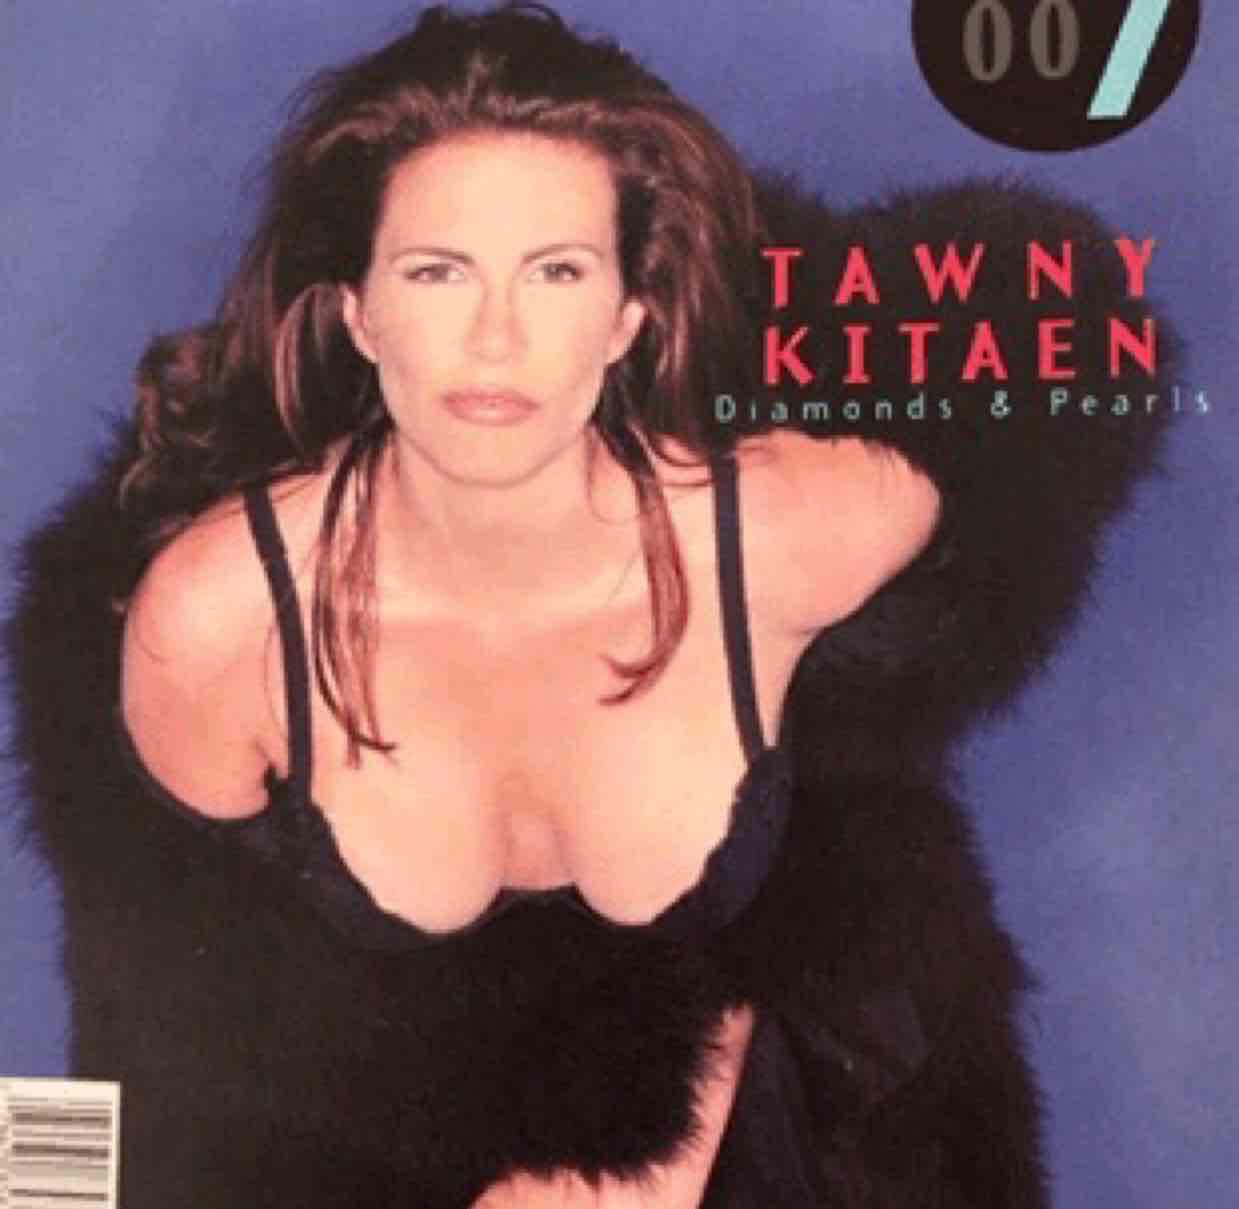 Avatar of Tawny Kitaen